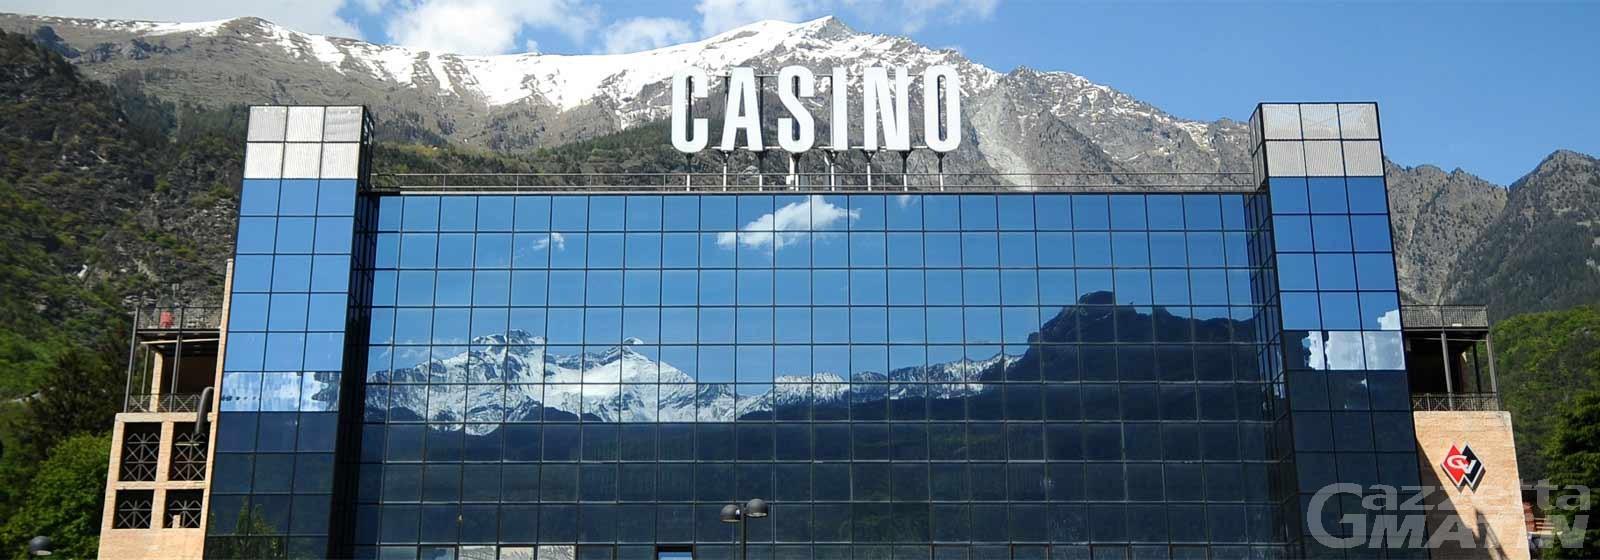 Saint-Vincent, Caveri: «La Regione deve credere nel futuro del Casinò»